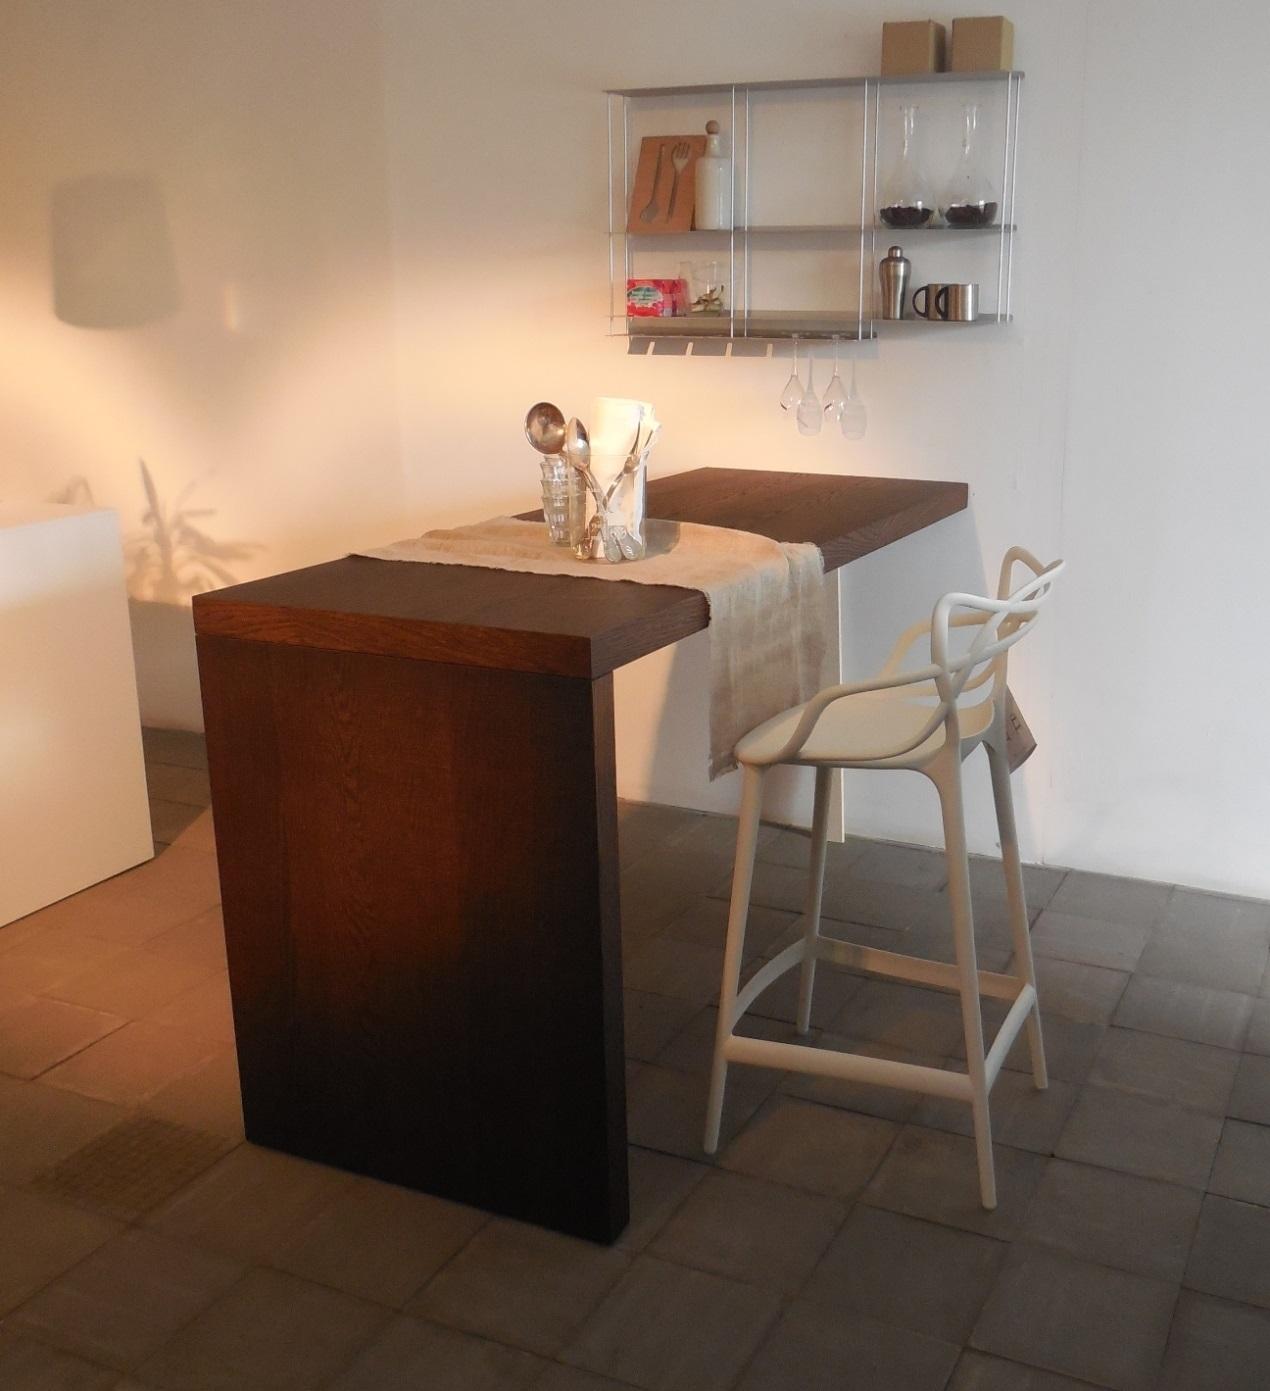 Cucina modulnova piano snack penisola tavolo rovere raw - Altezza penisola cucina ...